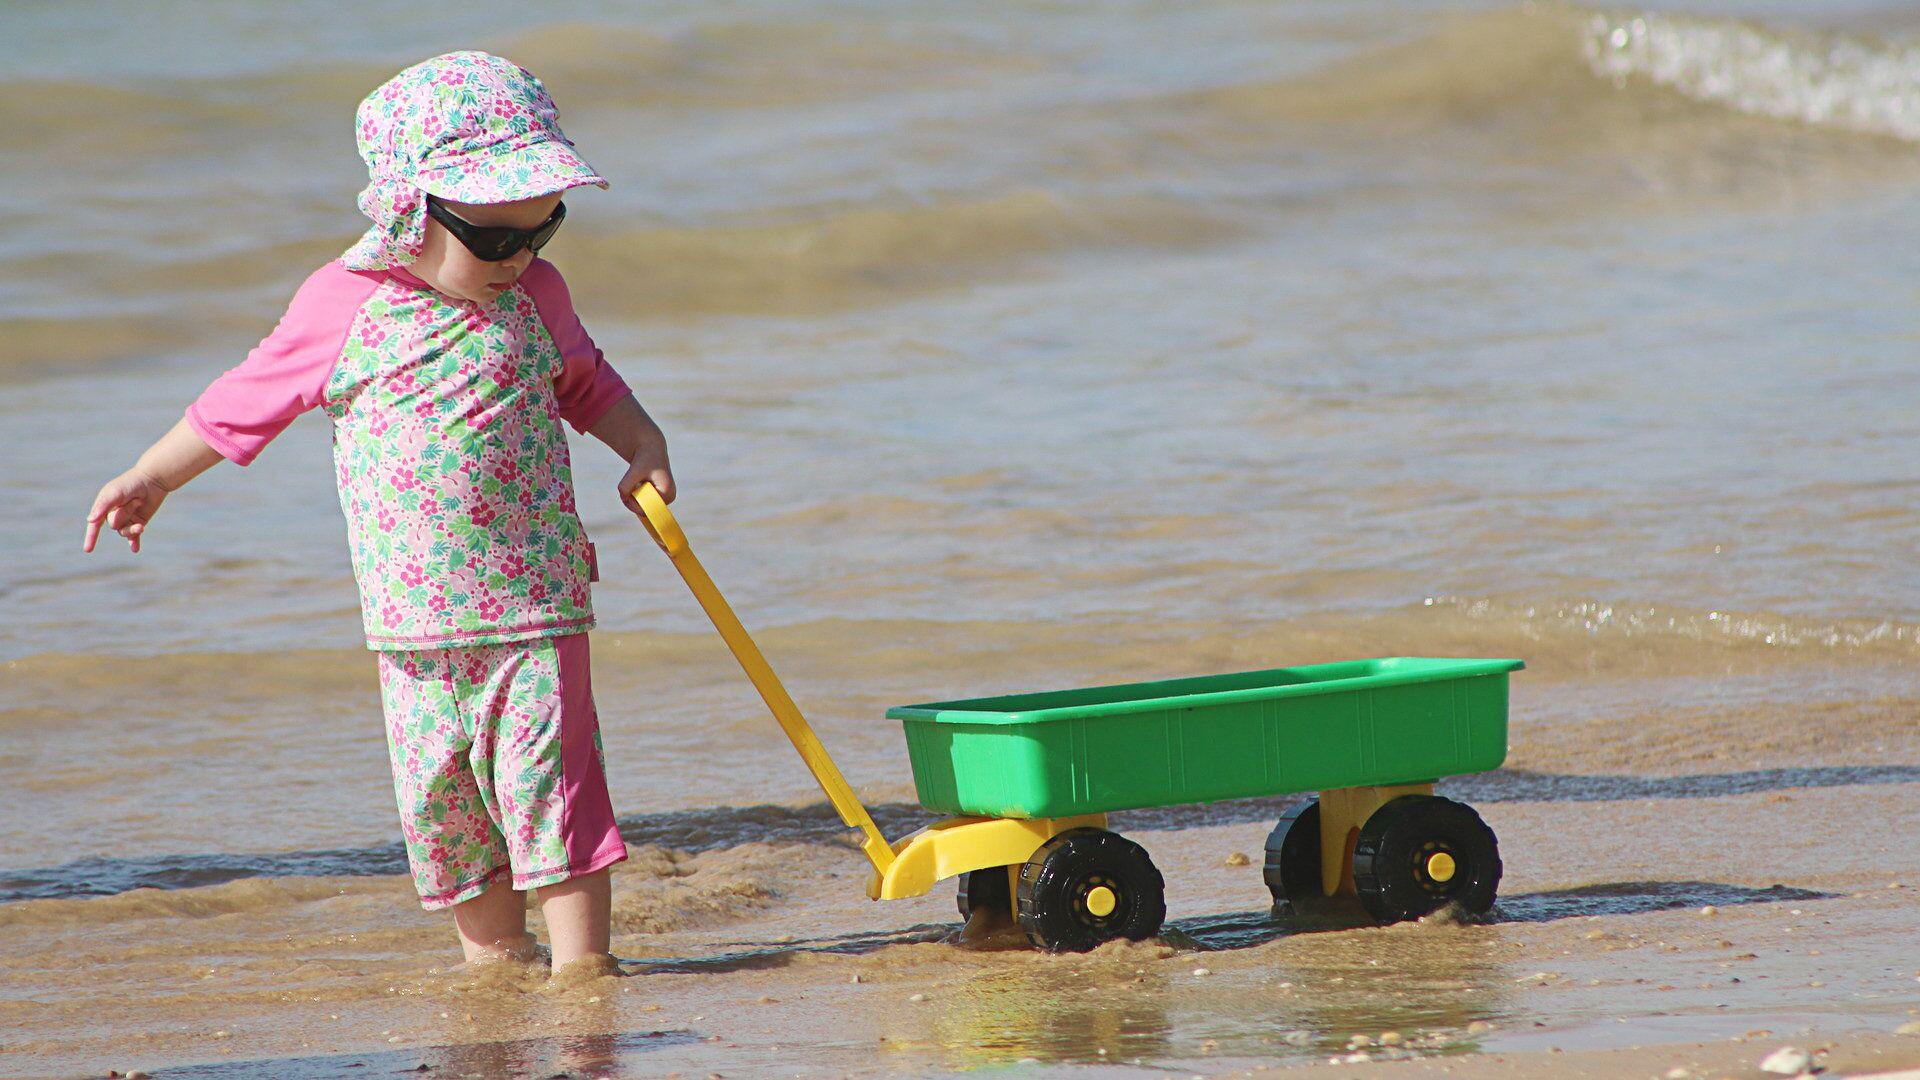 Ребенок играет на пляже - Sputnik Латвия, 1920, 10.06.2021